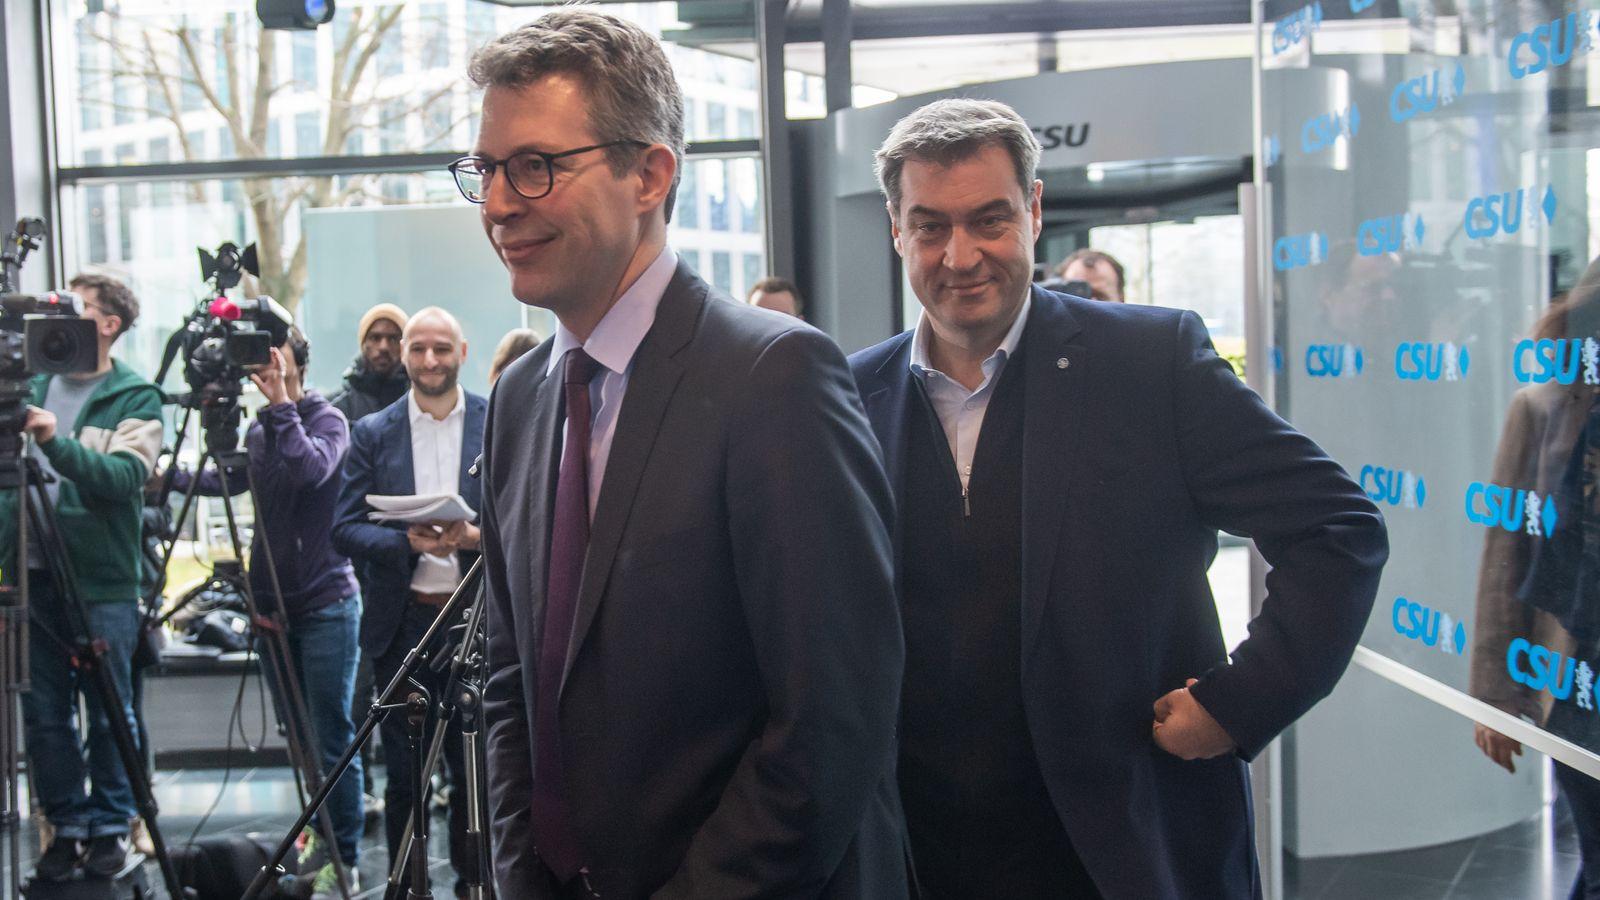 Kommunalwahlen: CSU sieht Grüne als Hauptgegner